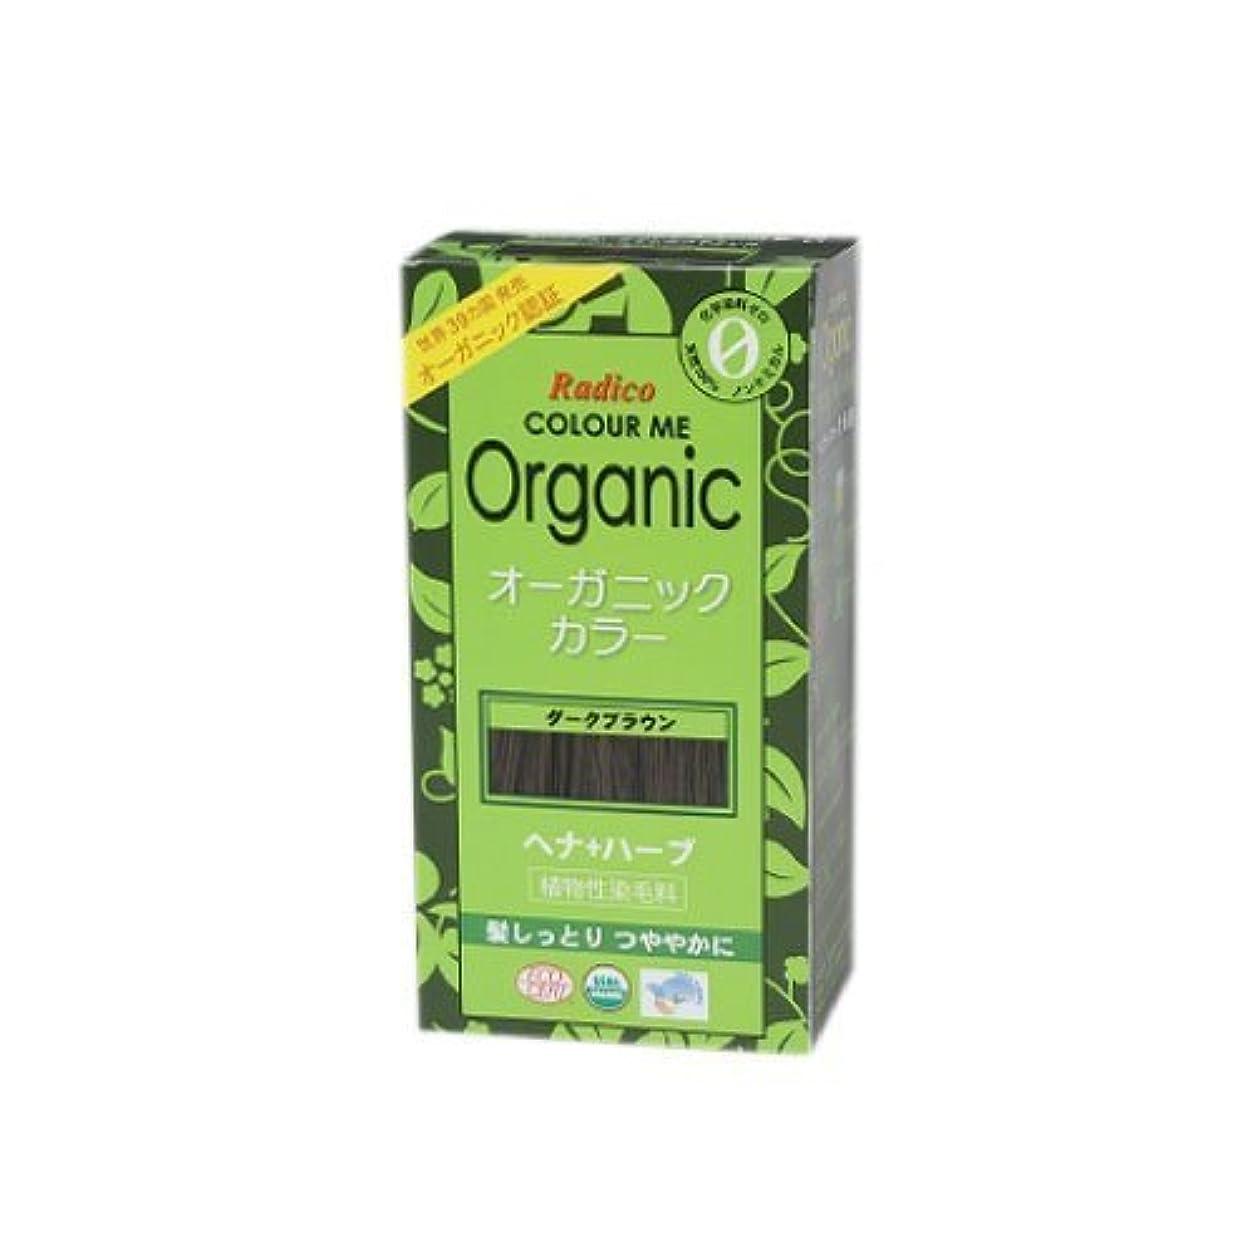 スポット危険な用心深いCOLOURME Organic (カラーミーオーガニック ヘナ 白髪用) ダークブラウン 100g